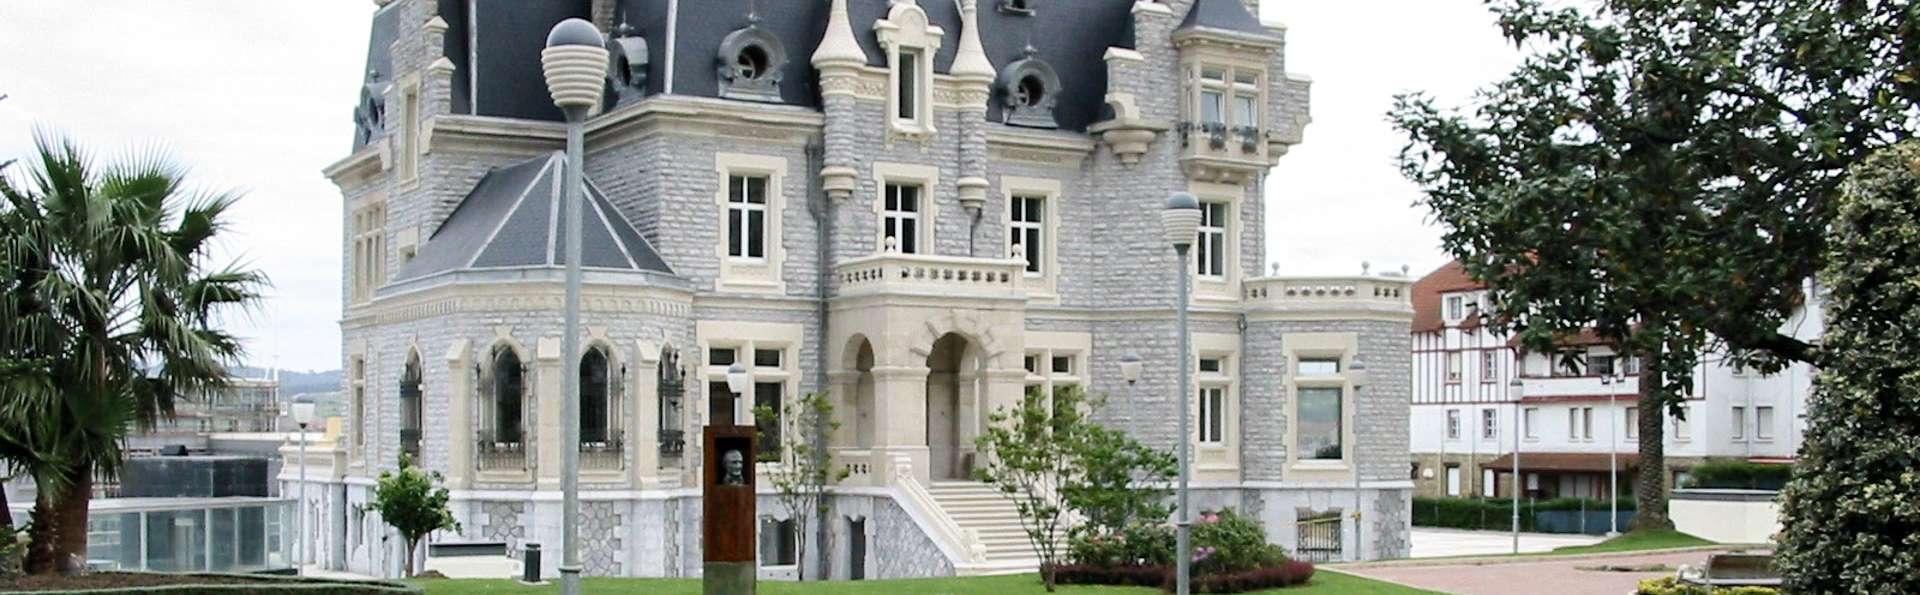 Escapade en demi-pension dans un palais face à la mer